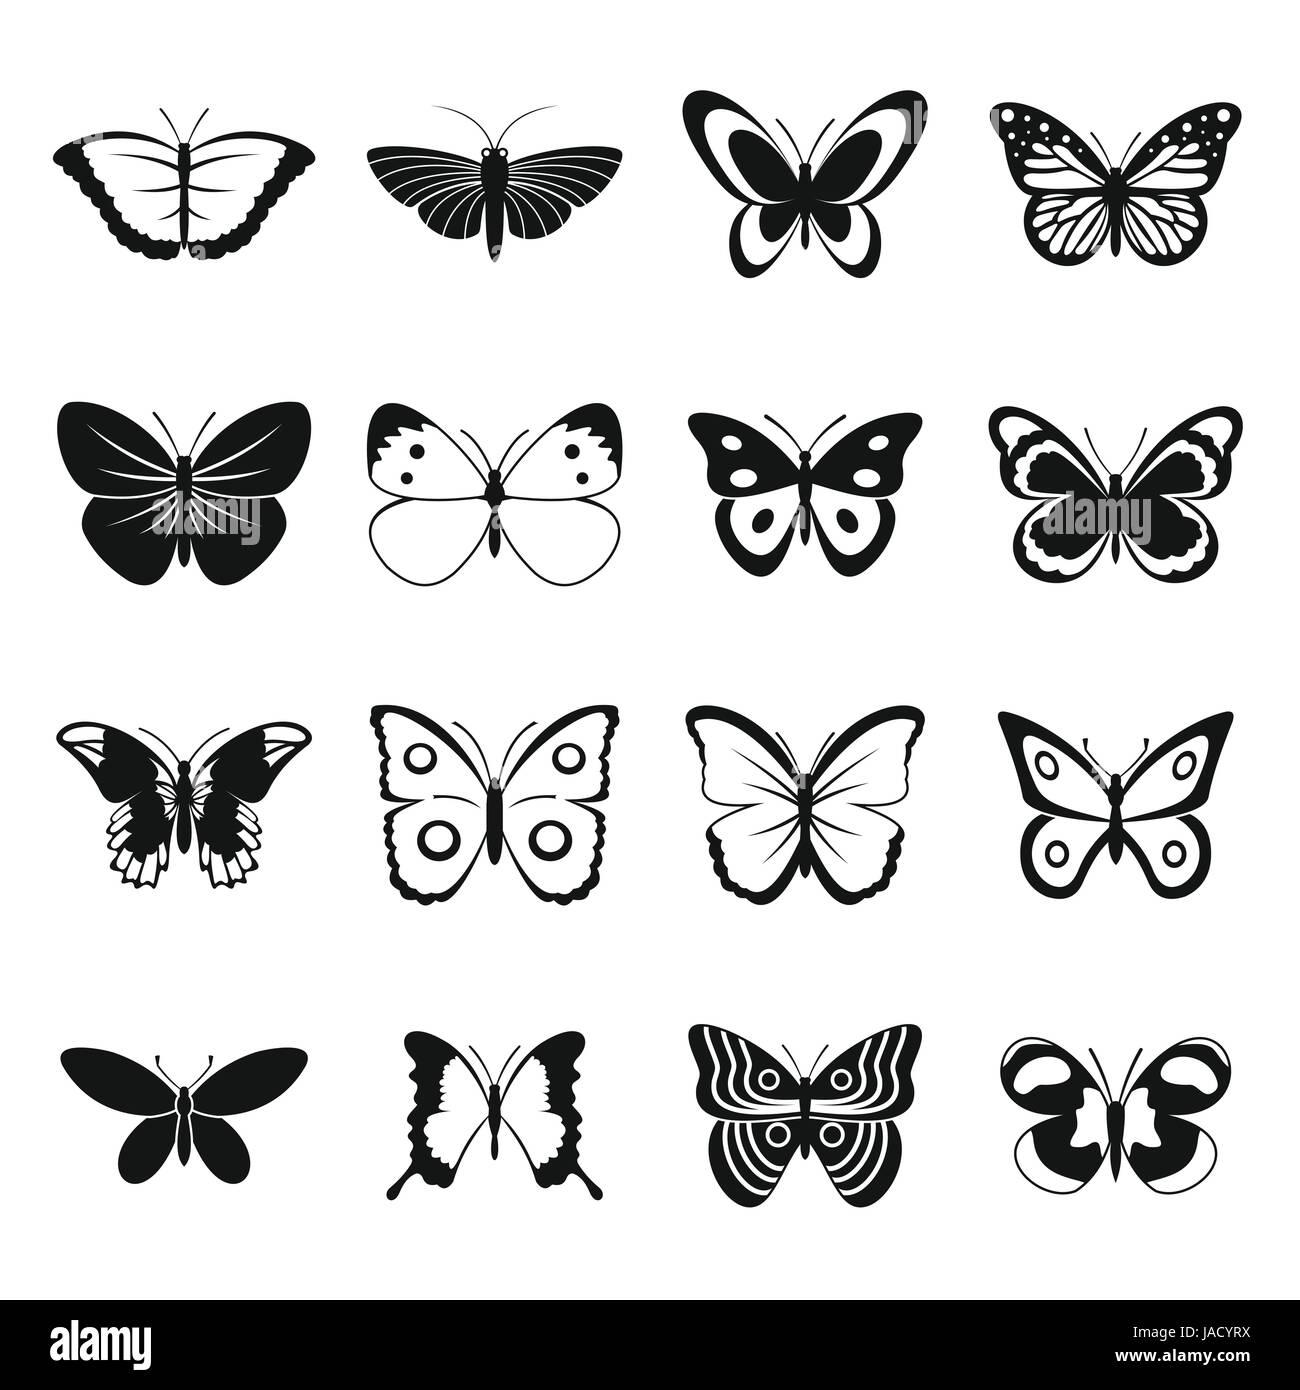 Butterfly Vector Vectors Imágenes De Stock & Butterfly Vector ...